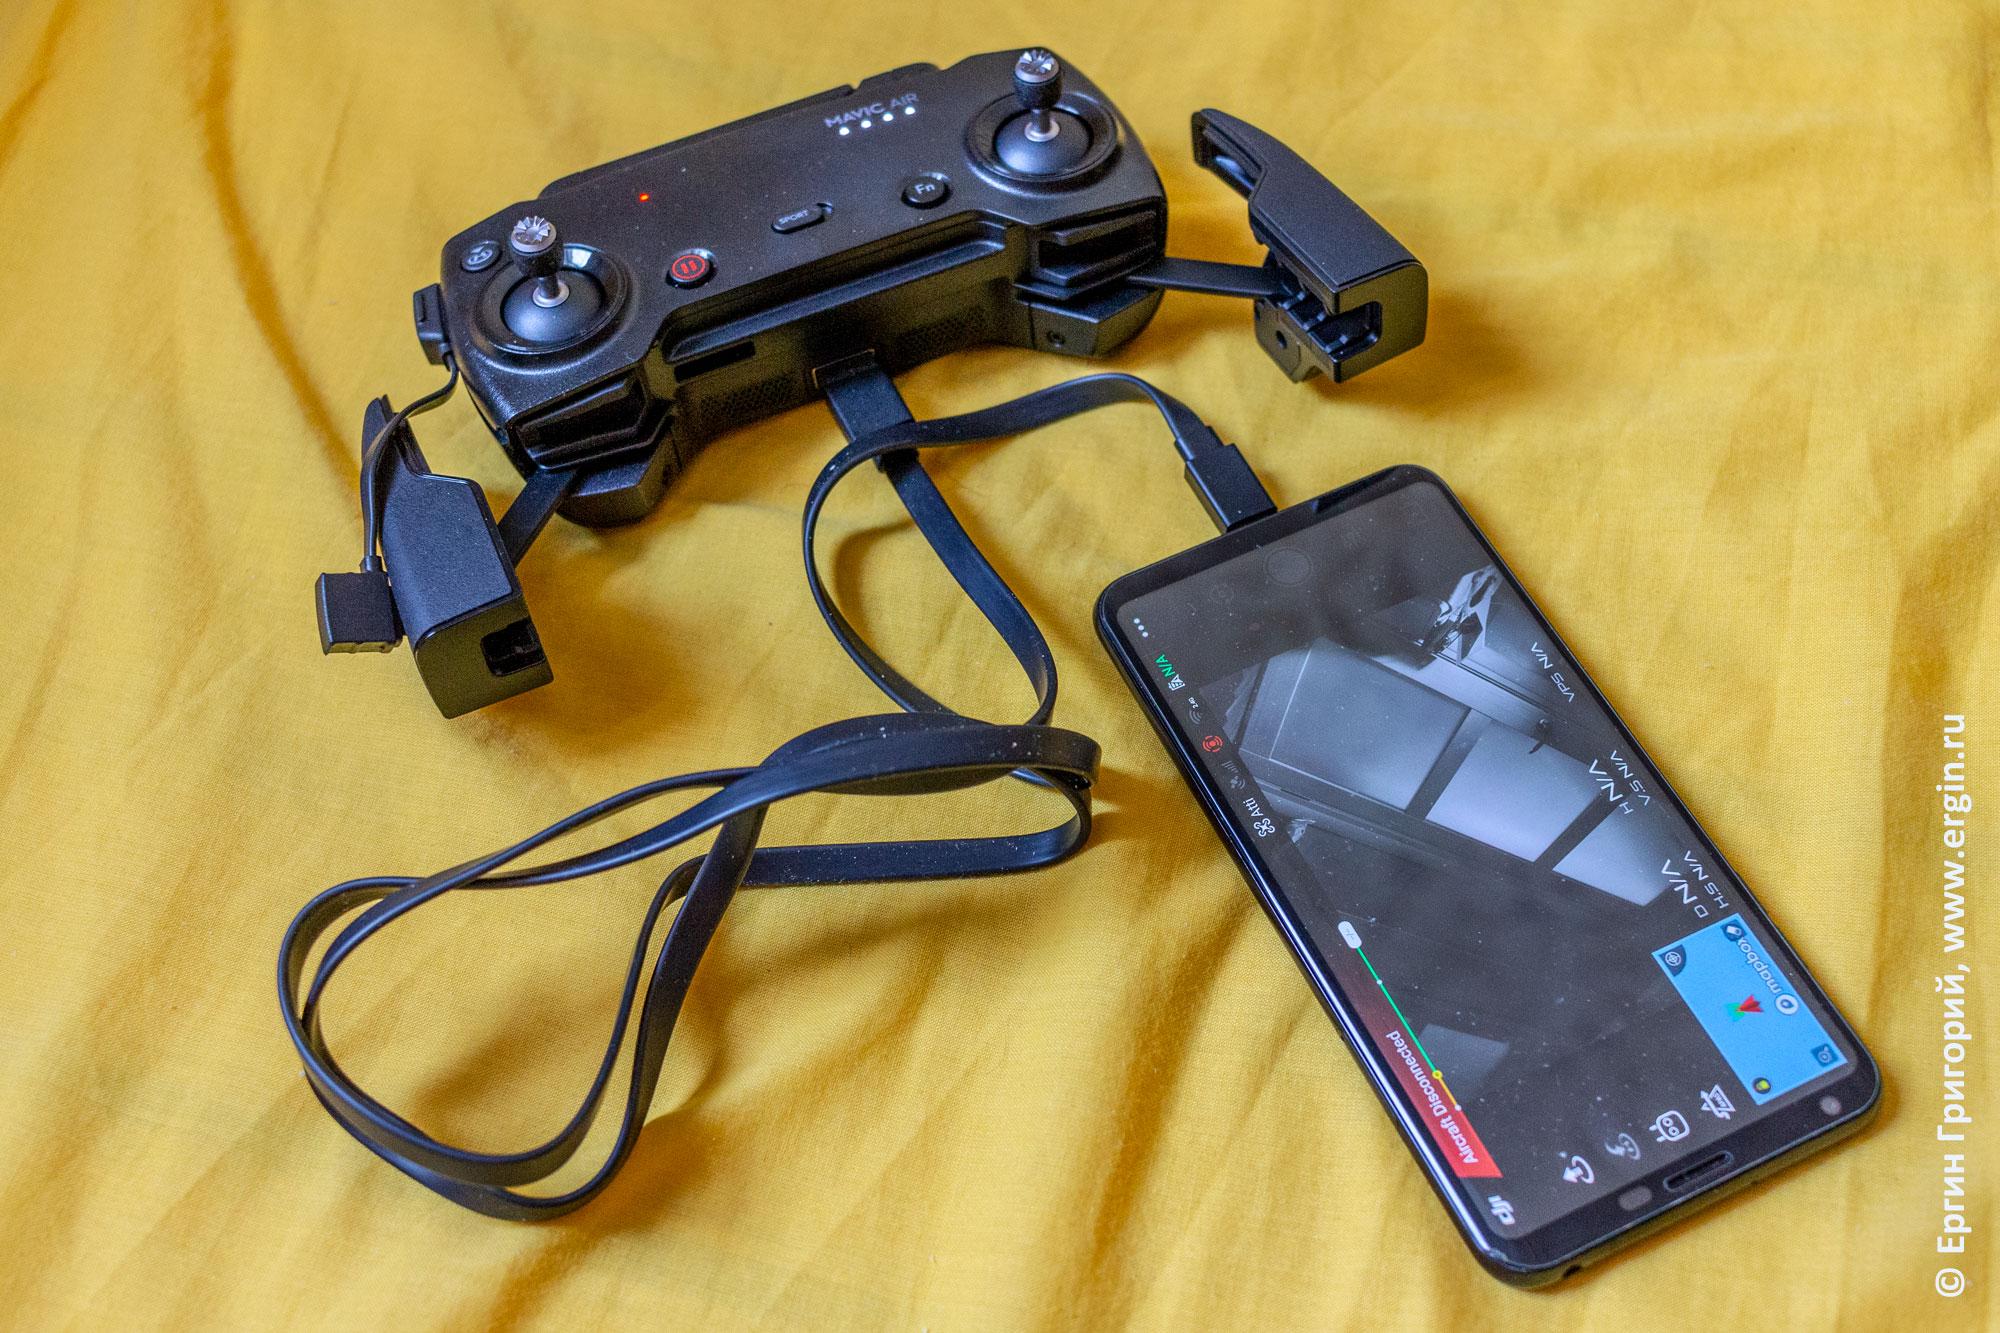 DJI Mavic Air нижний разъем USB gпульта упрвления соединение со смартфоном телефоном